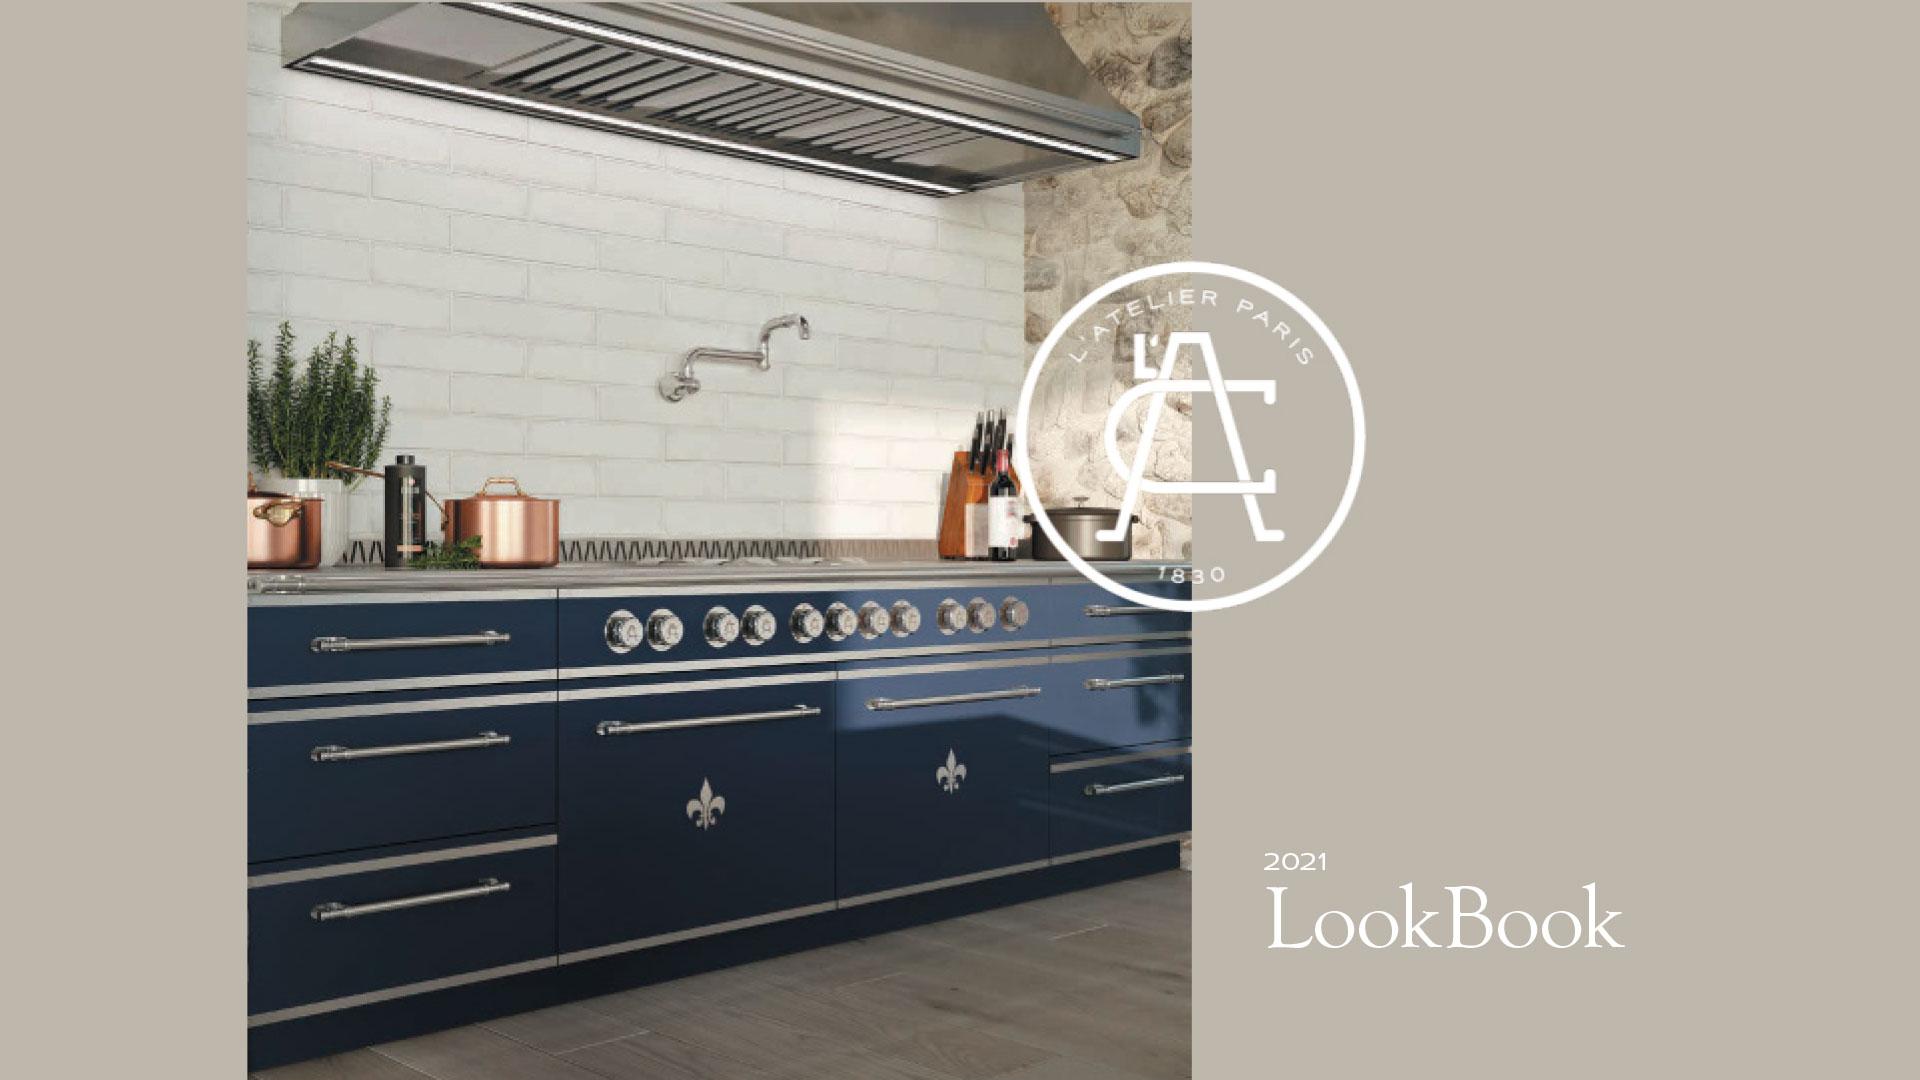 cover of L'Atelier Paris 2021 LookBook